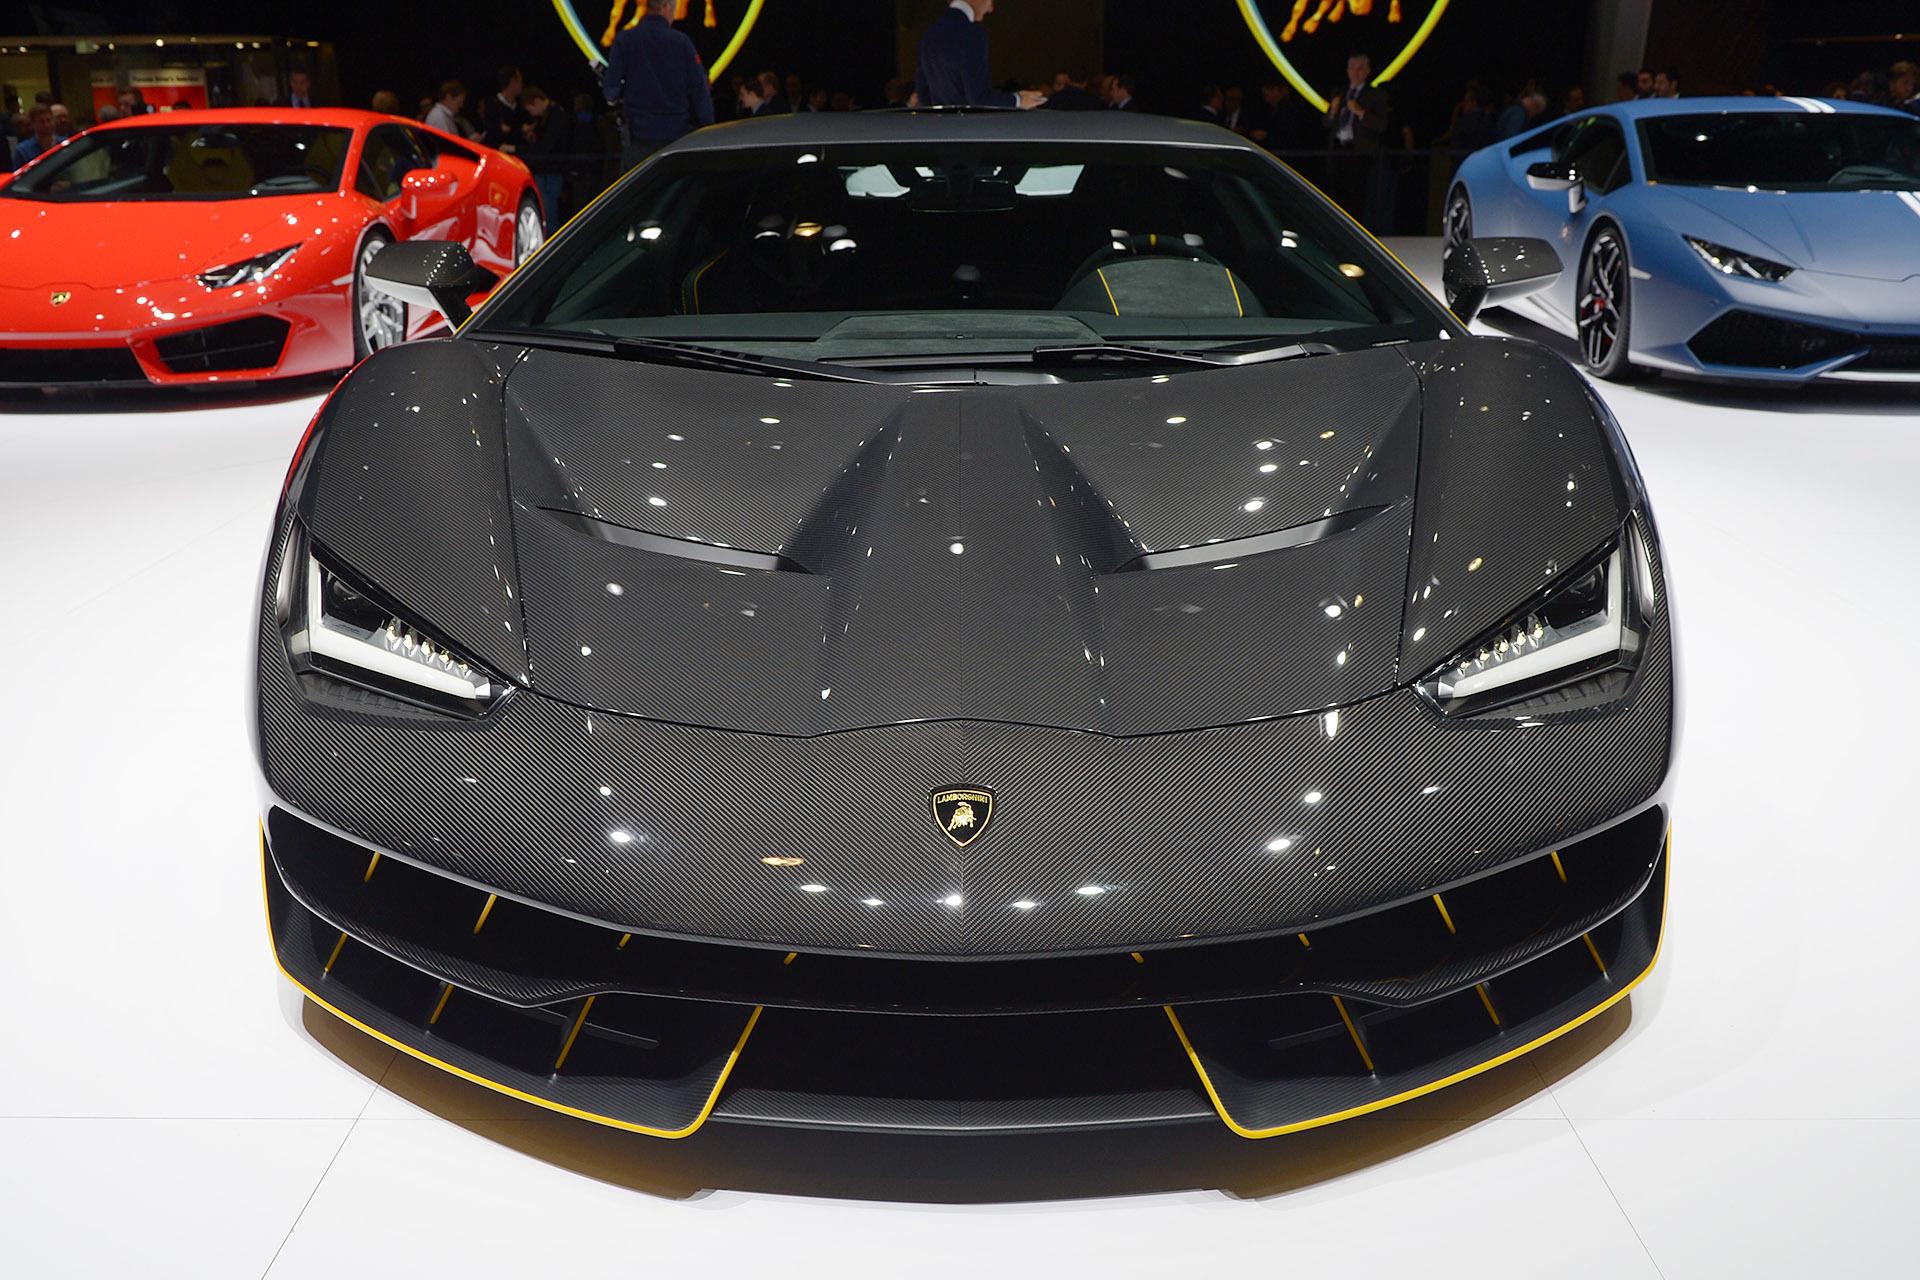 Lamborghini Reveals The New 760 Hp Centenario Hypercar At